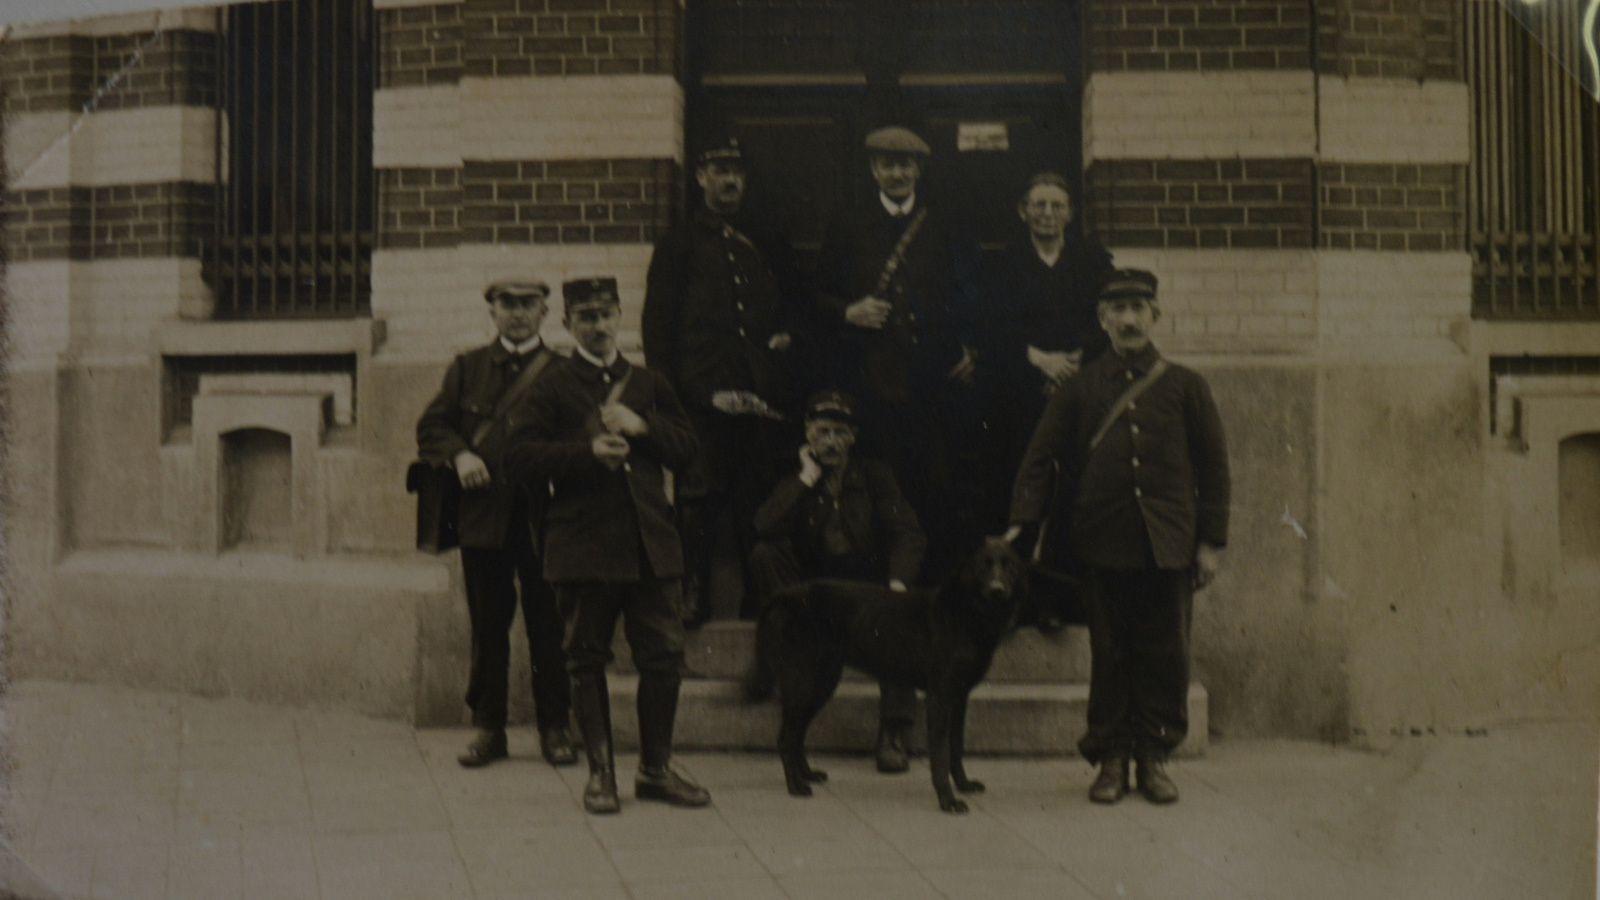 Les facteurs devant l'Hôtel des Postes et Télégraphes d'Aniche en 1932.